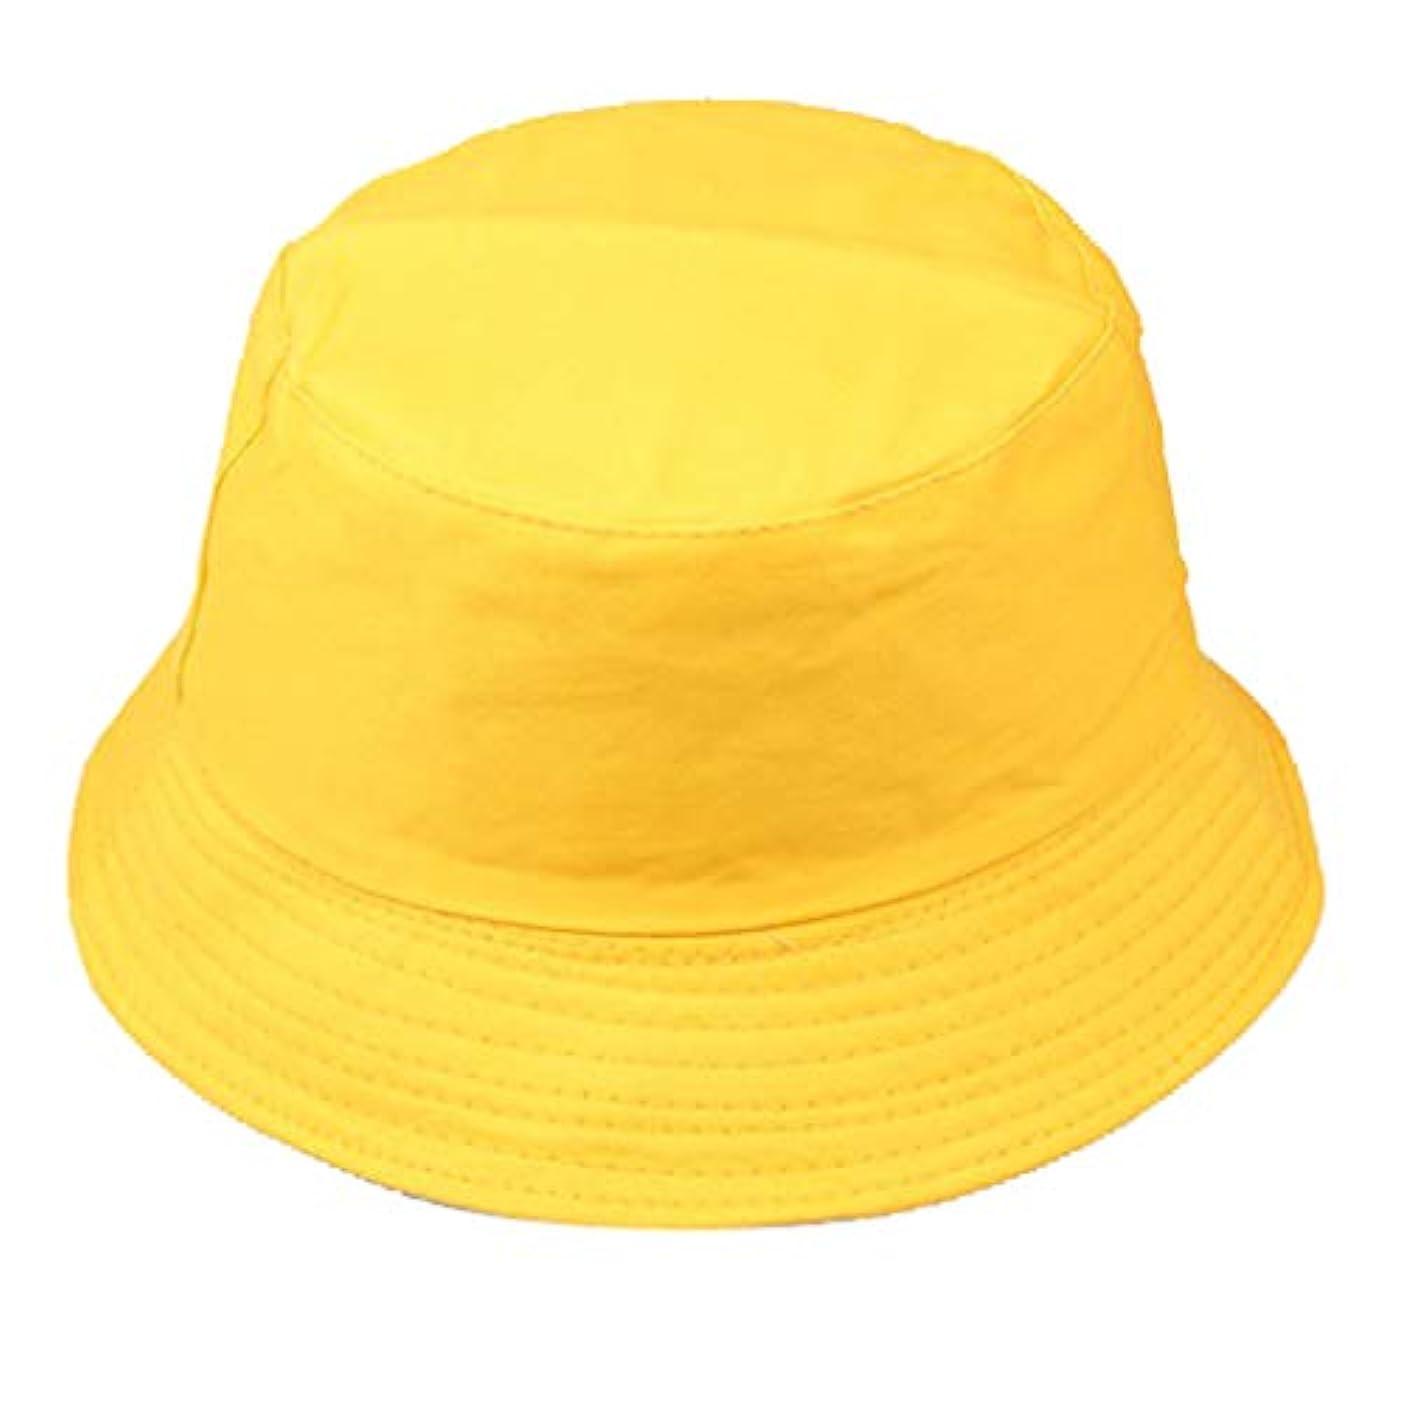 バナナ知覚的称賛帽子 レディース 漁師帽 つば広 UVカット 熱中症 夏 海 紫外線 日除け レディース 帽子 キャップ ハット レディース 漁師の帽子 小顔効果抜群 アウトドア 紫外線対策 日焼け対策 ハット 調整テープ ROSE ROMAN